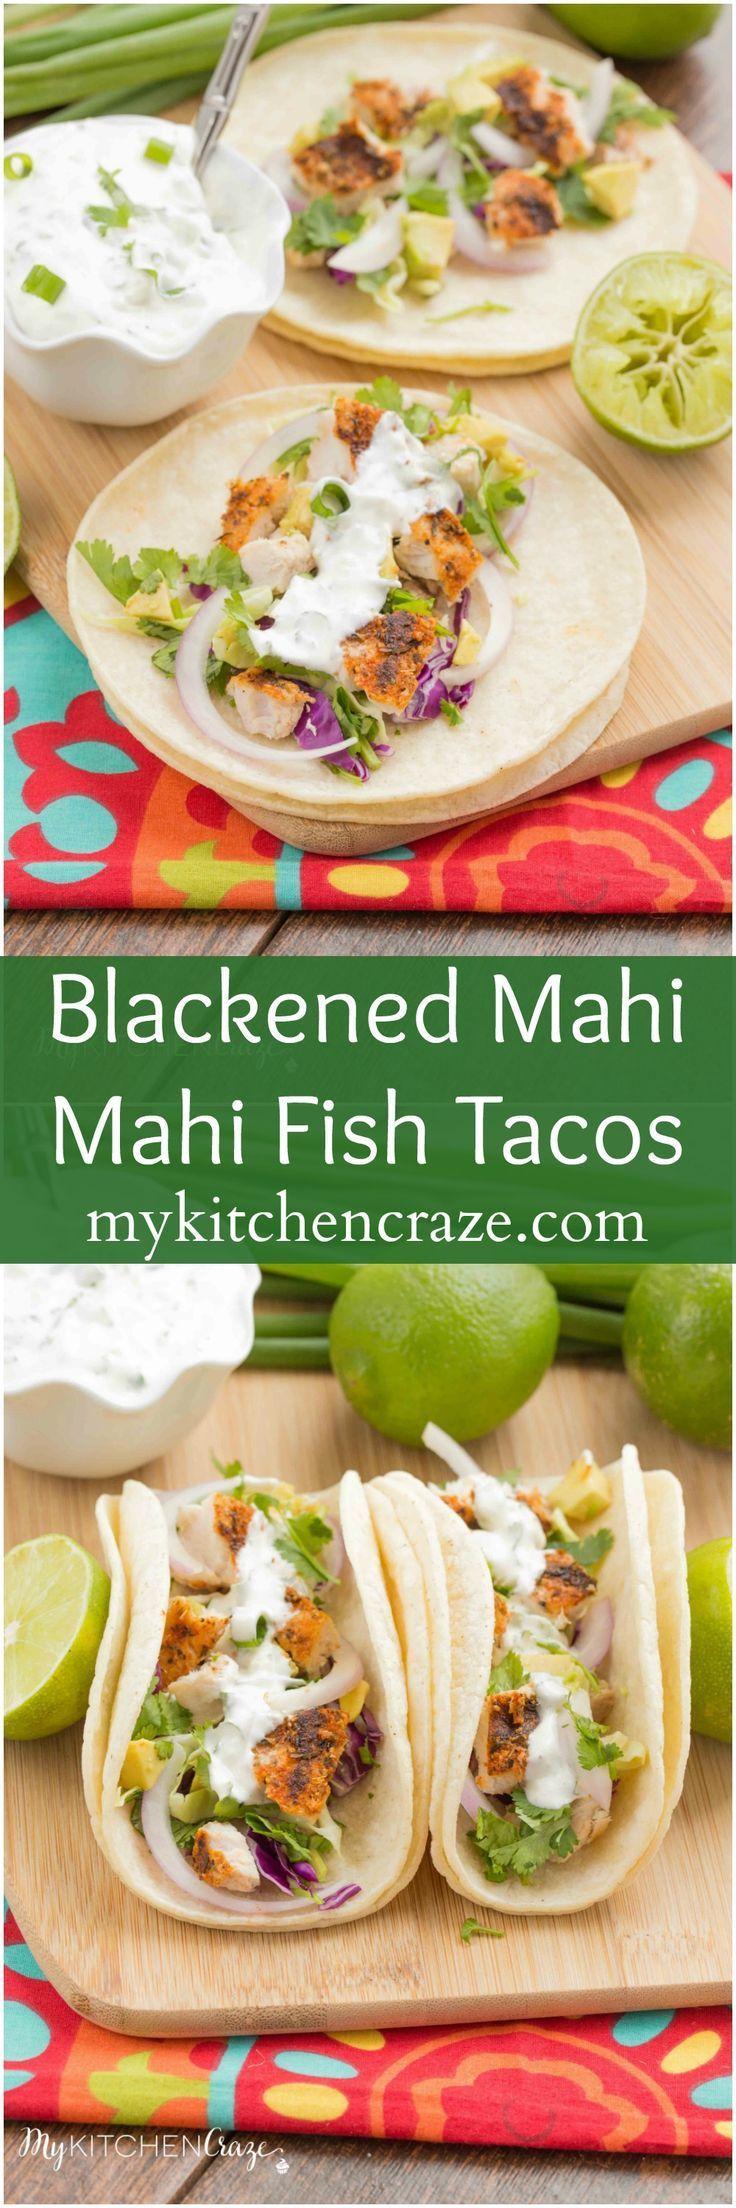 Blackened Mahi Mahi Fish Tacos ~ http://mykitchencraze.com